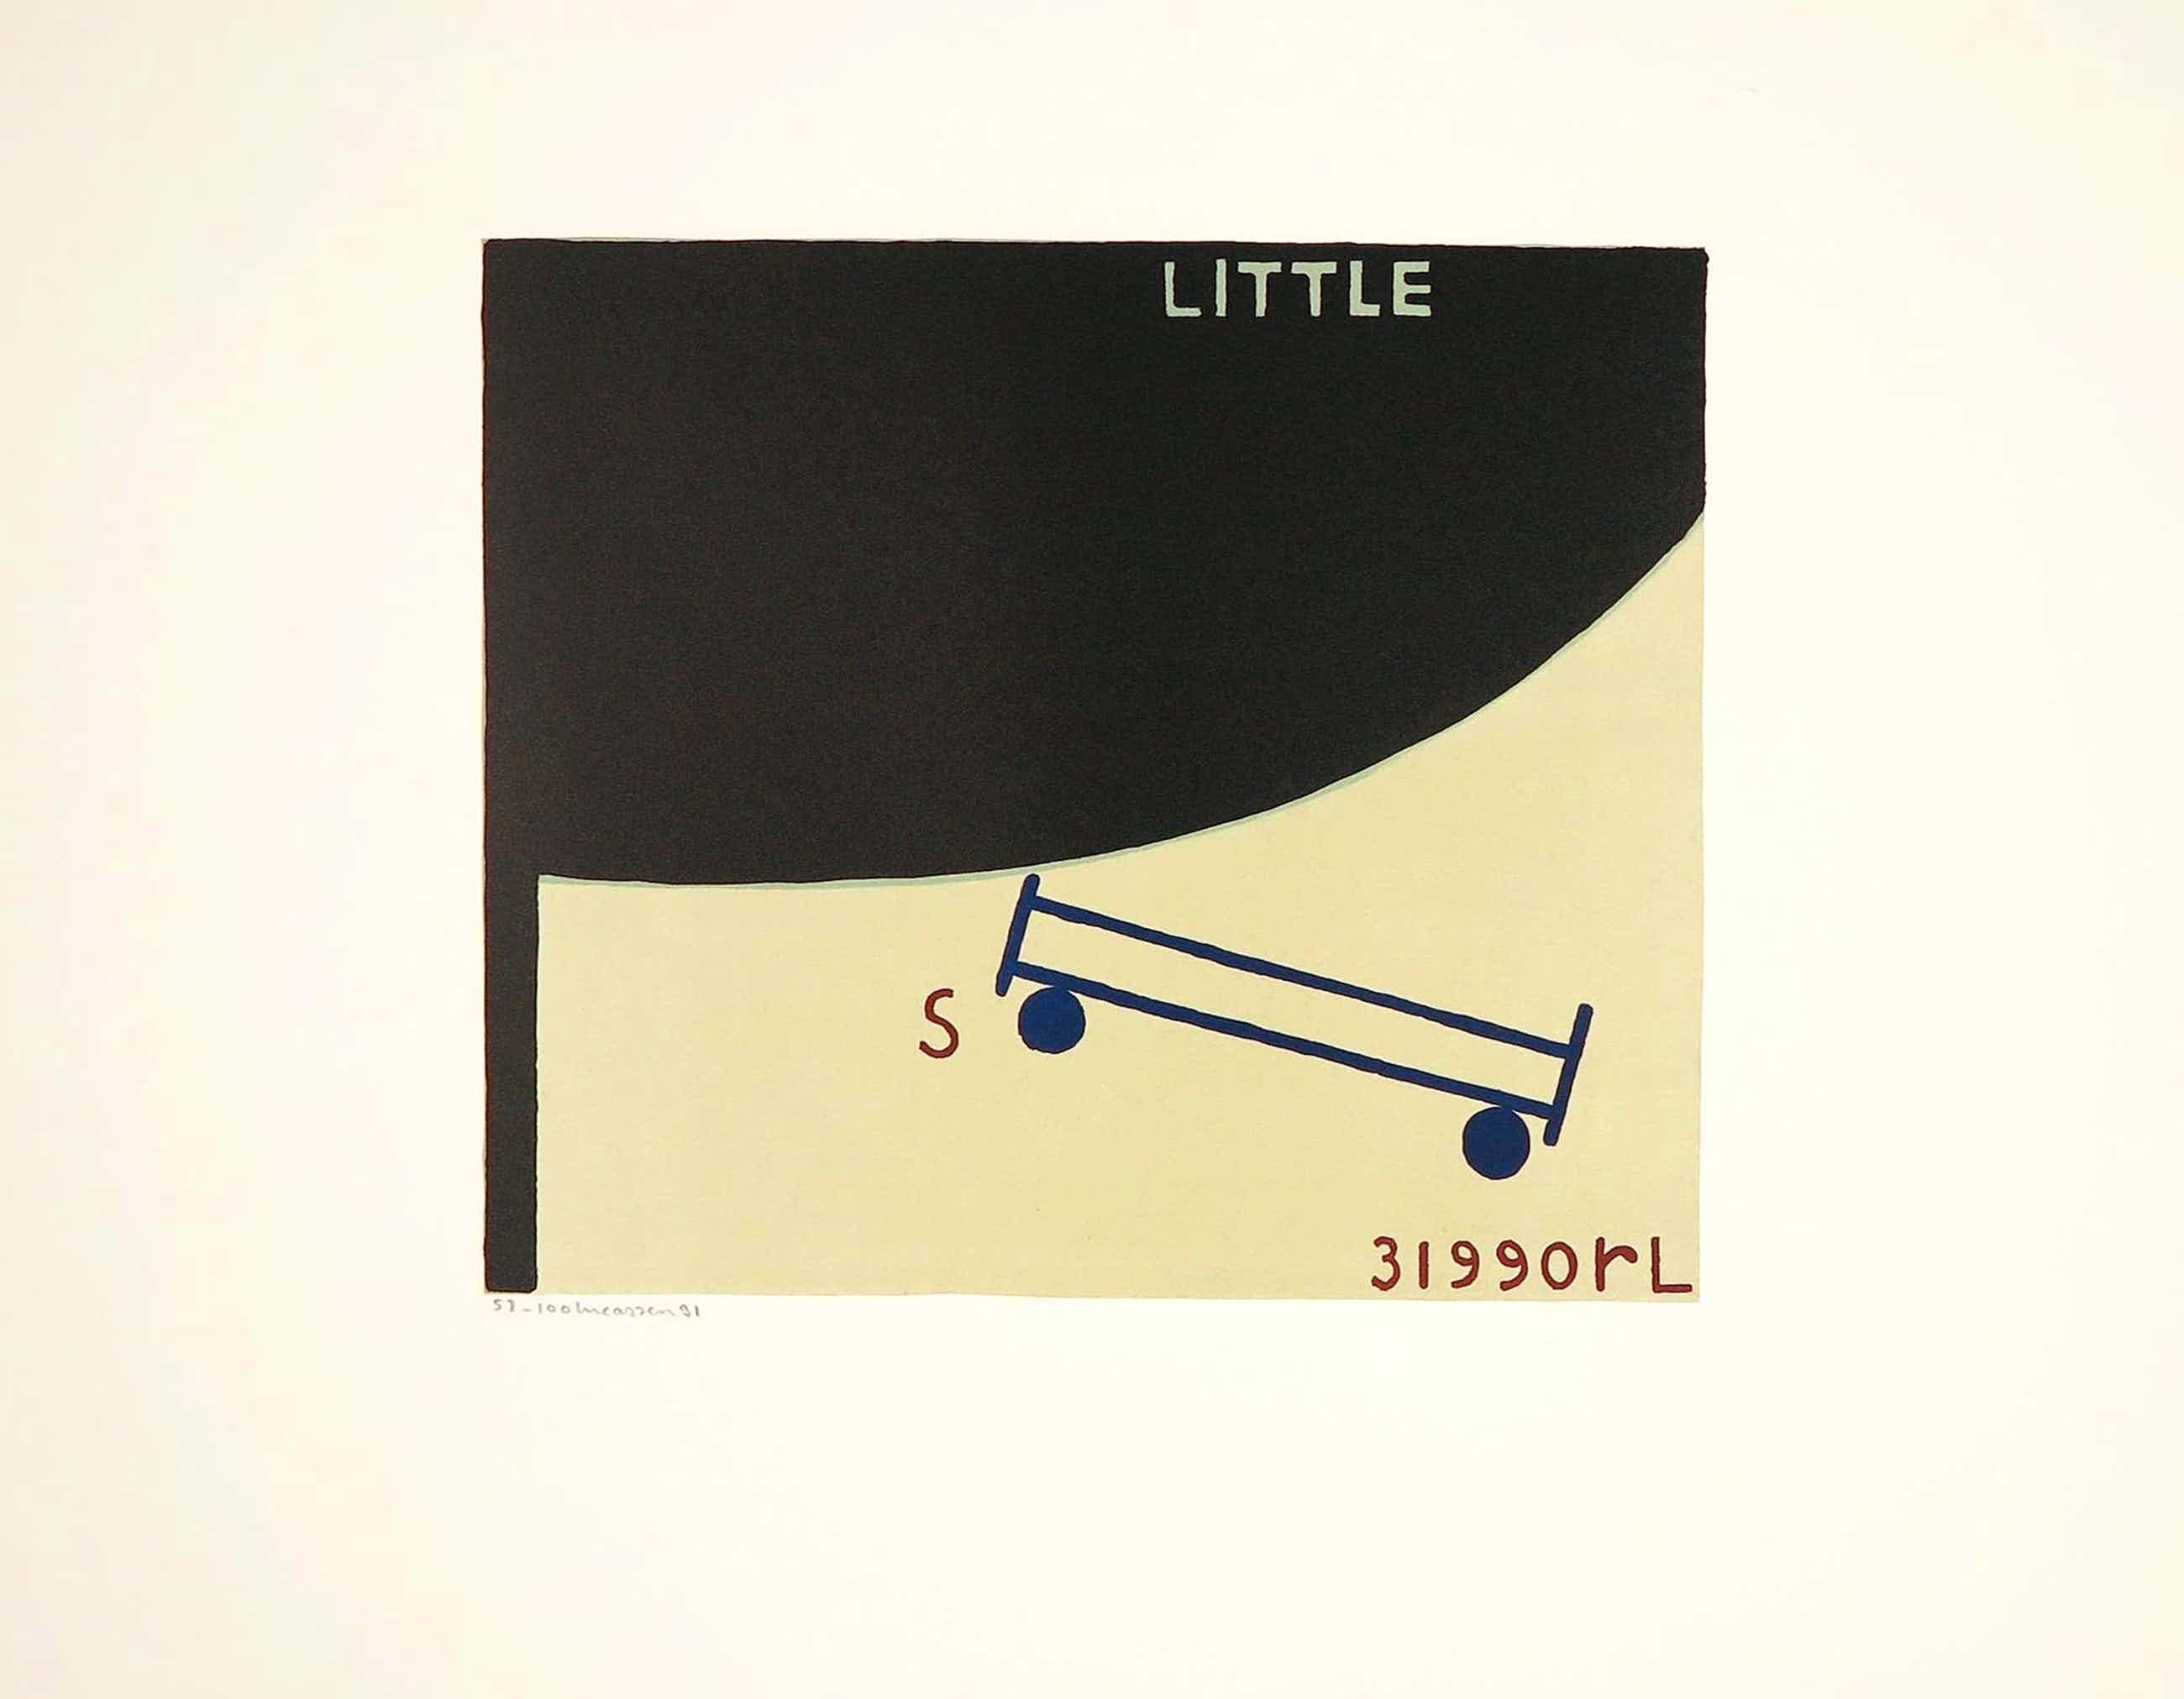 Reinier Lucassen - zeefdruk 'Little' - 1991 - oplage 100. kopen? Bied vanaf 170!